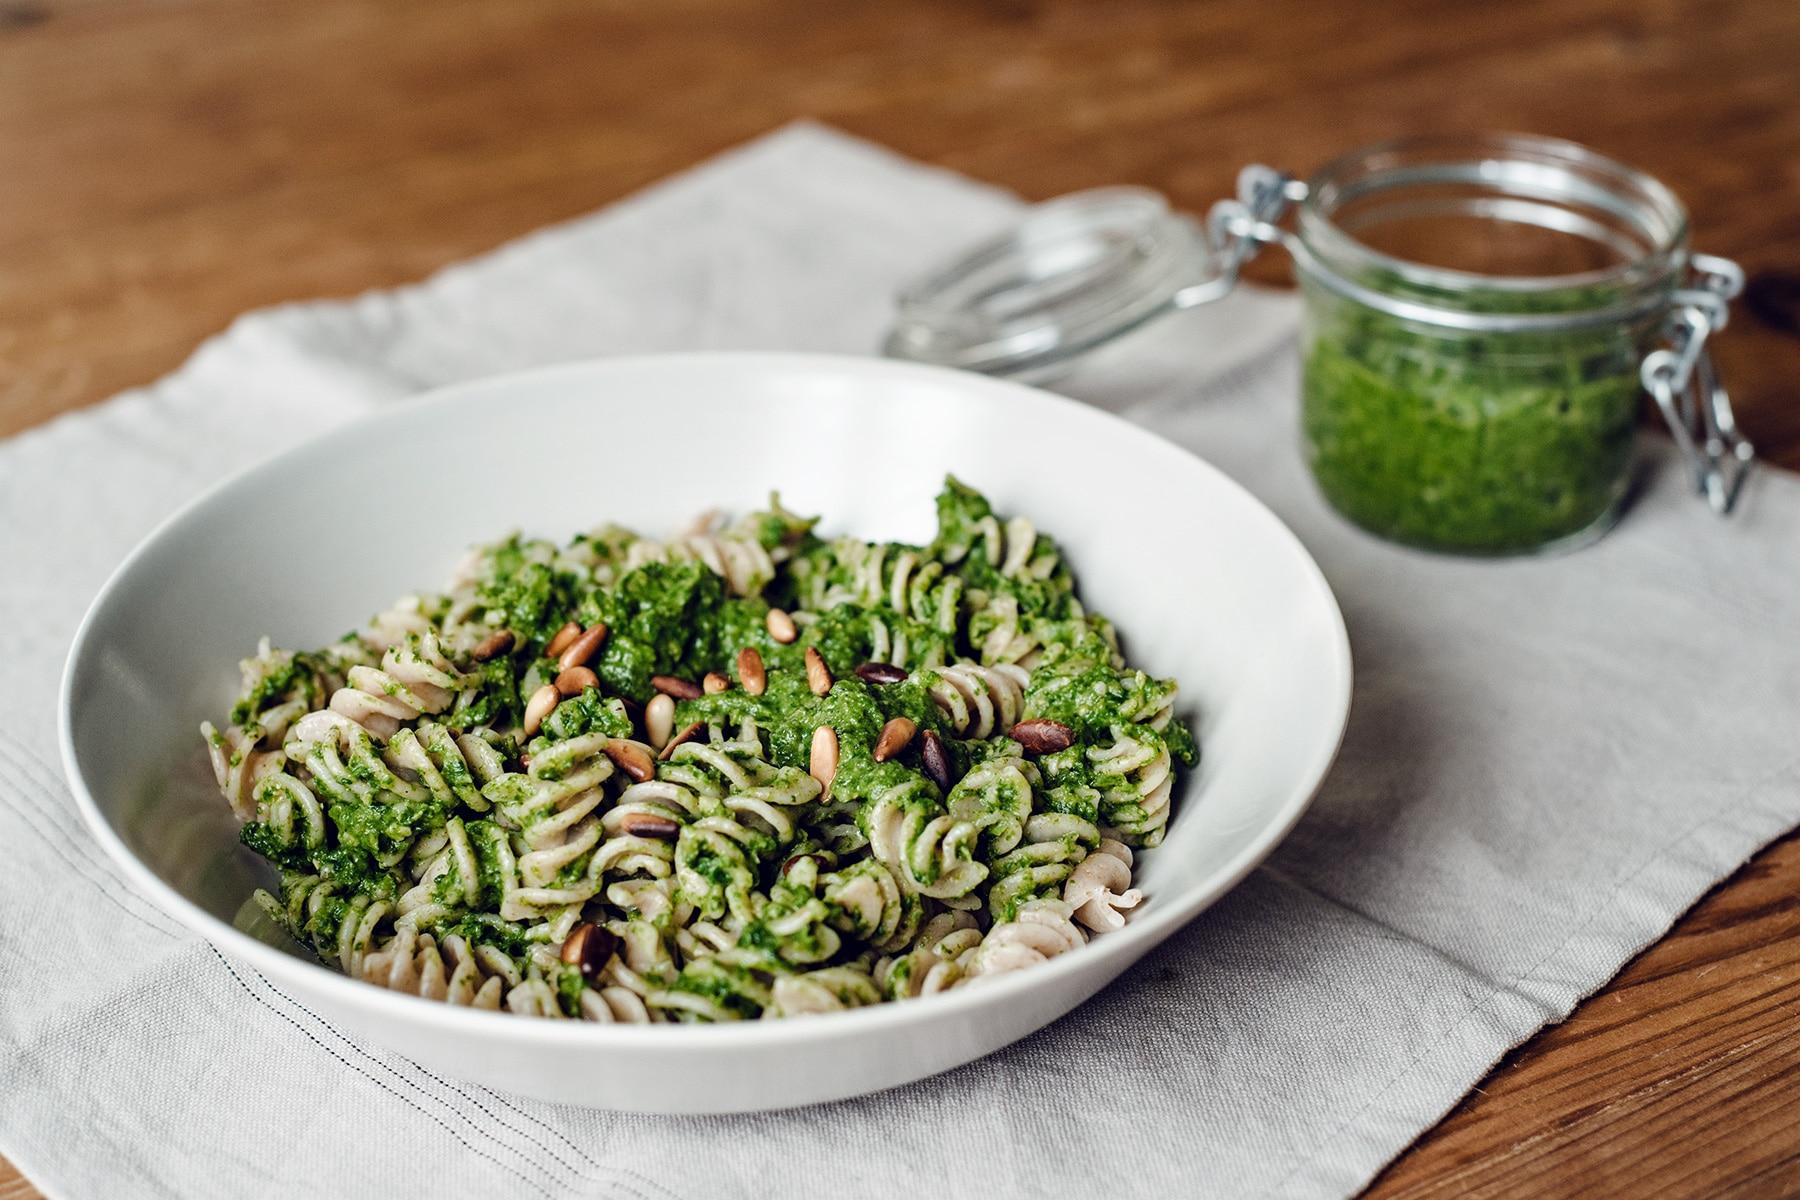 Pesto végétalien aux épinards et petits pois